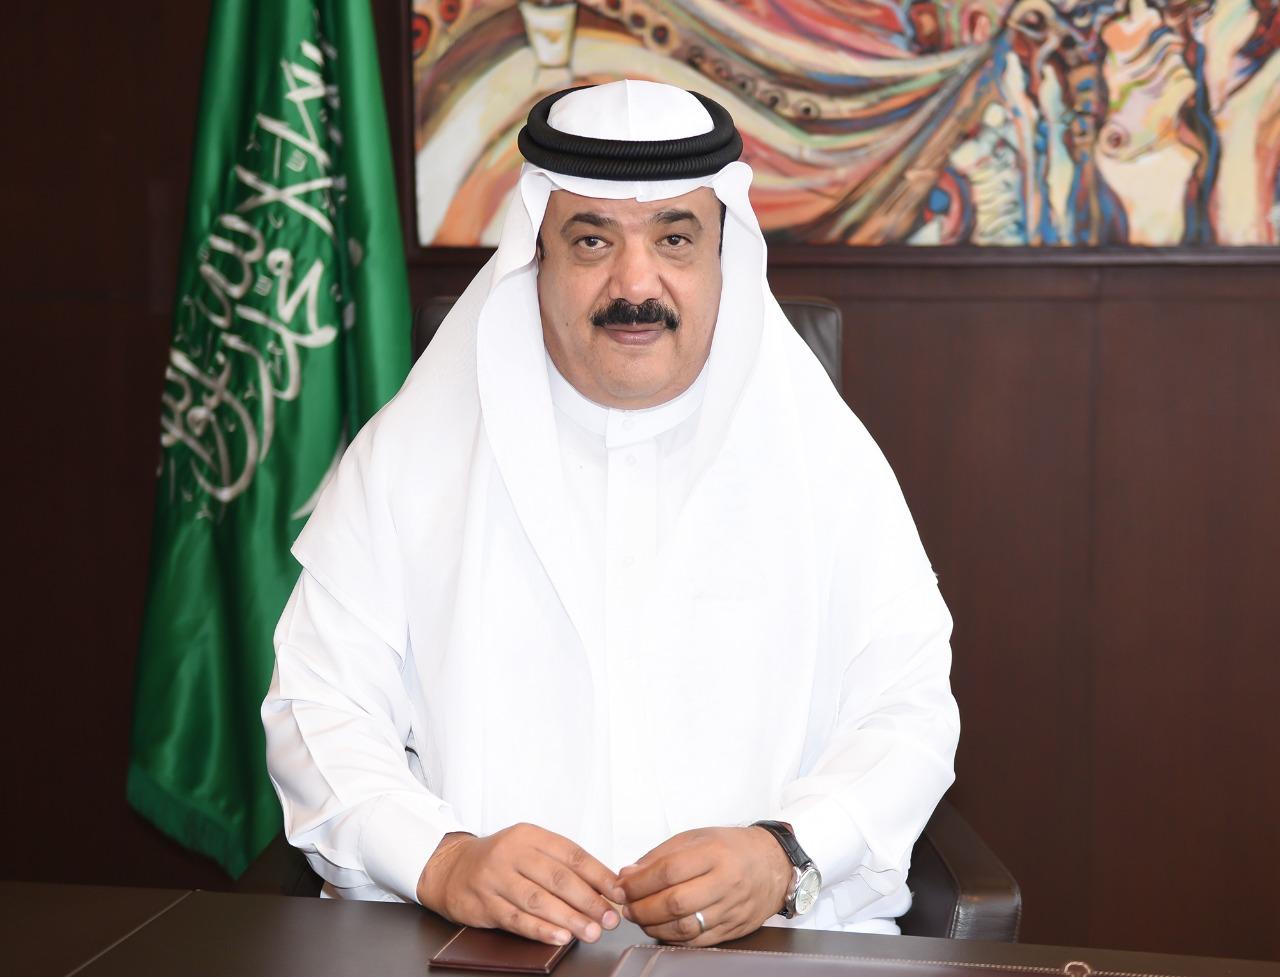 مركز الملك عبد العزيز للحوار الوطني يشارك في تنظيم حوار عالمي بالرياض